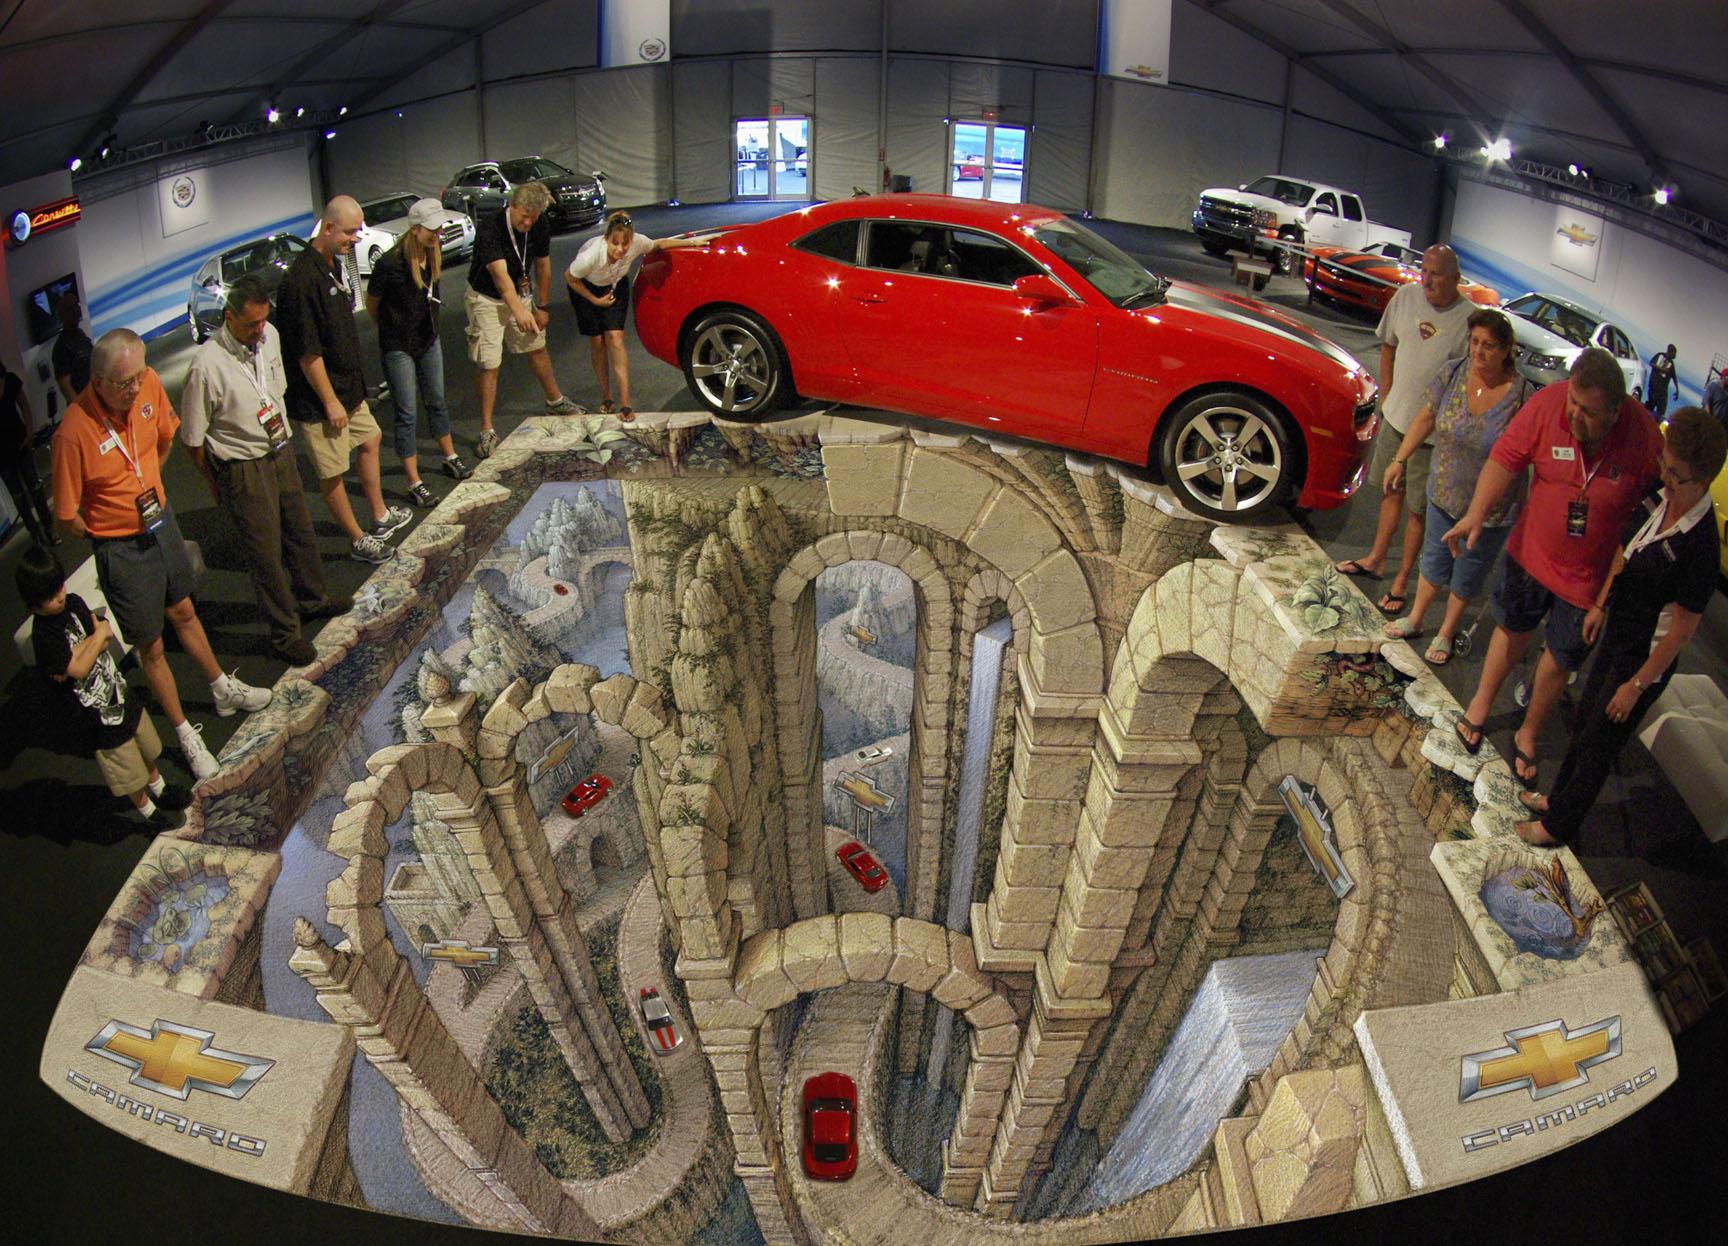 ilúzia vytvorená pomocou 3D obrázka namaľovaného priamo na zemi je priam dokonalá! Čo vy na to?